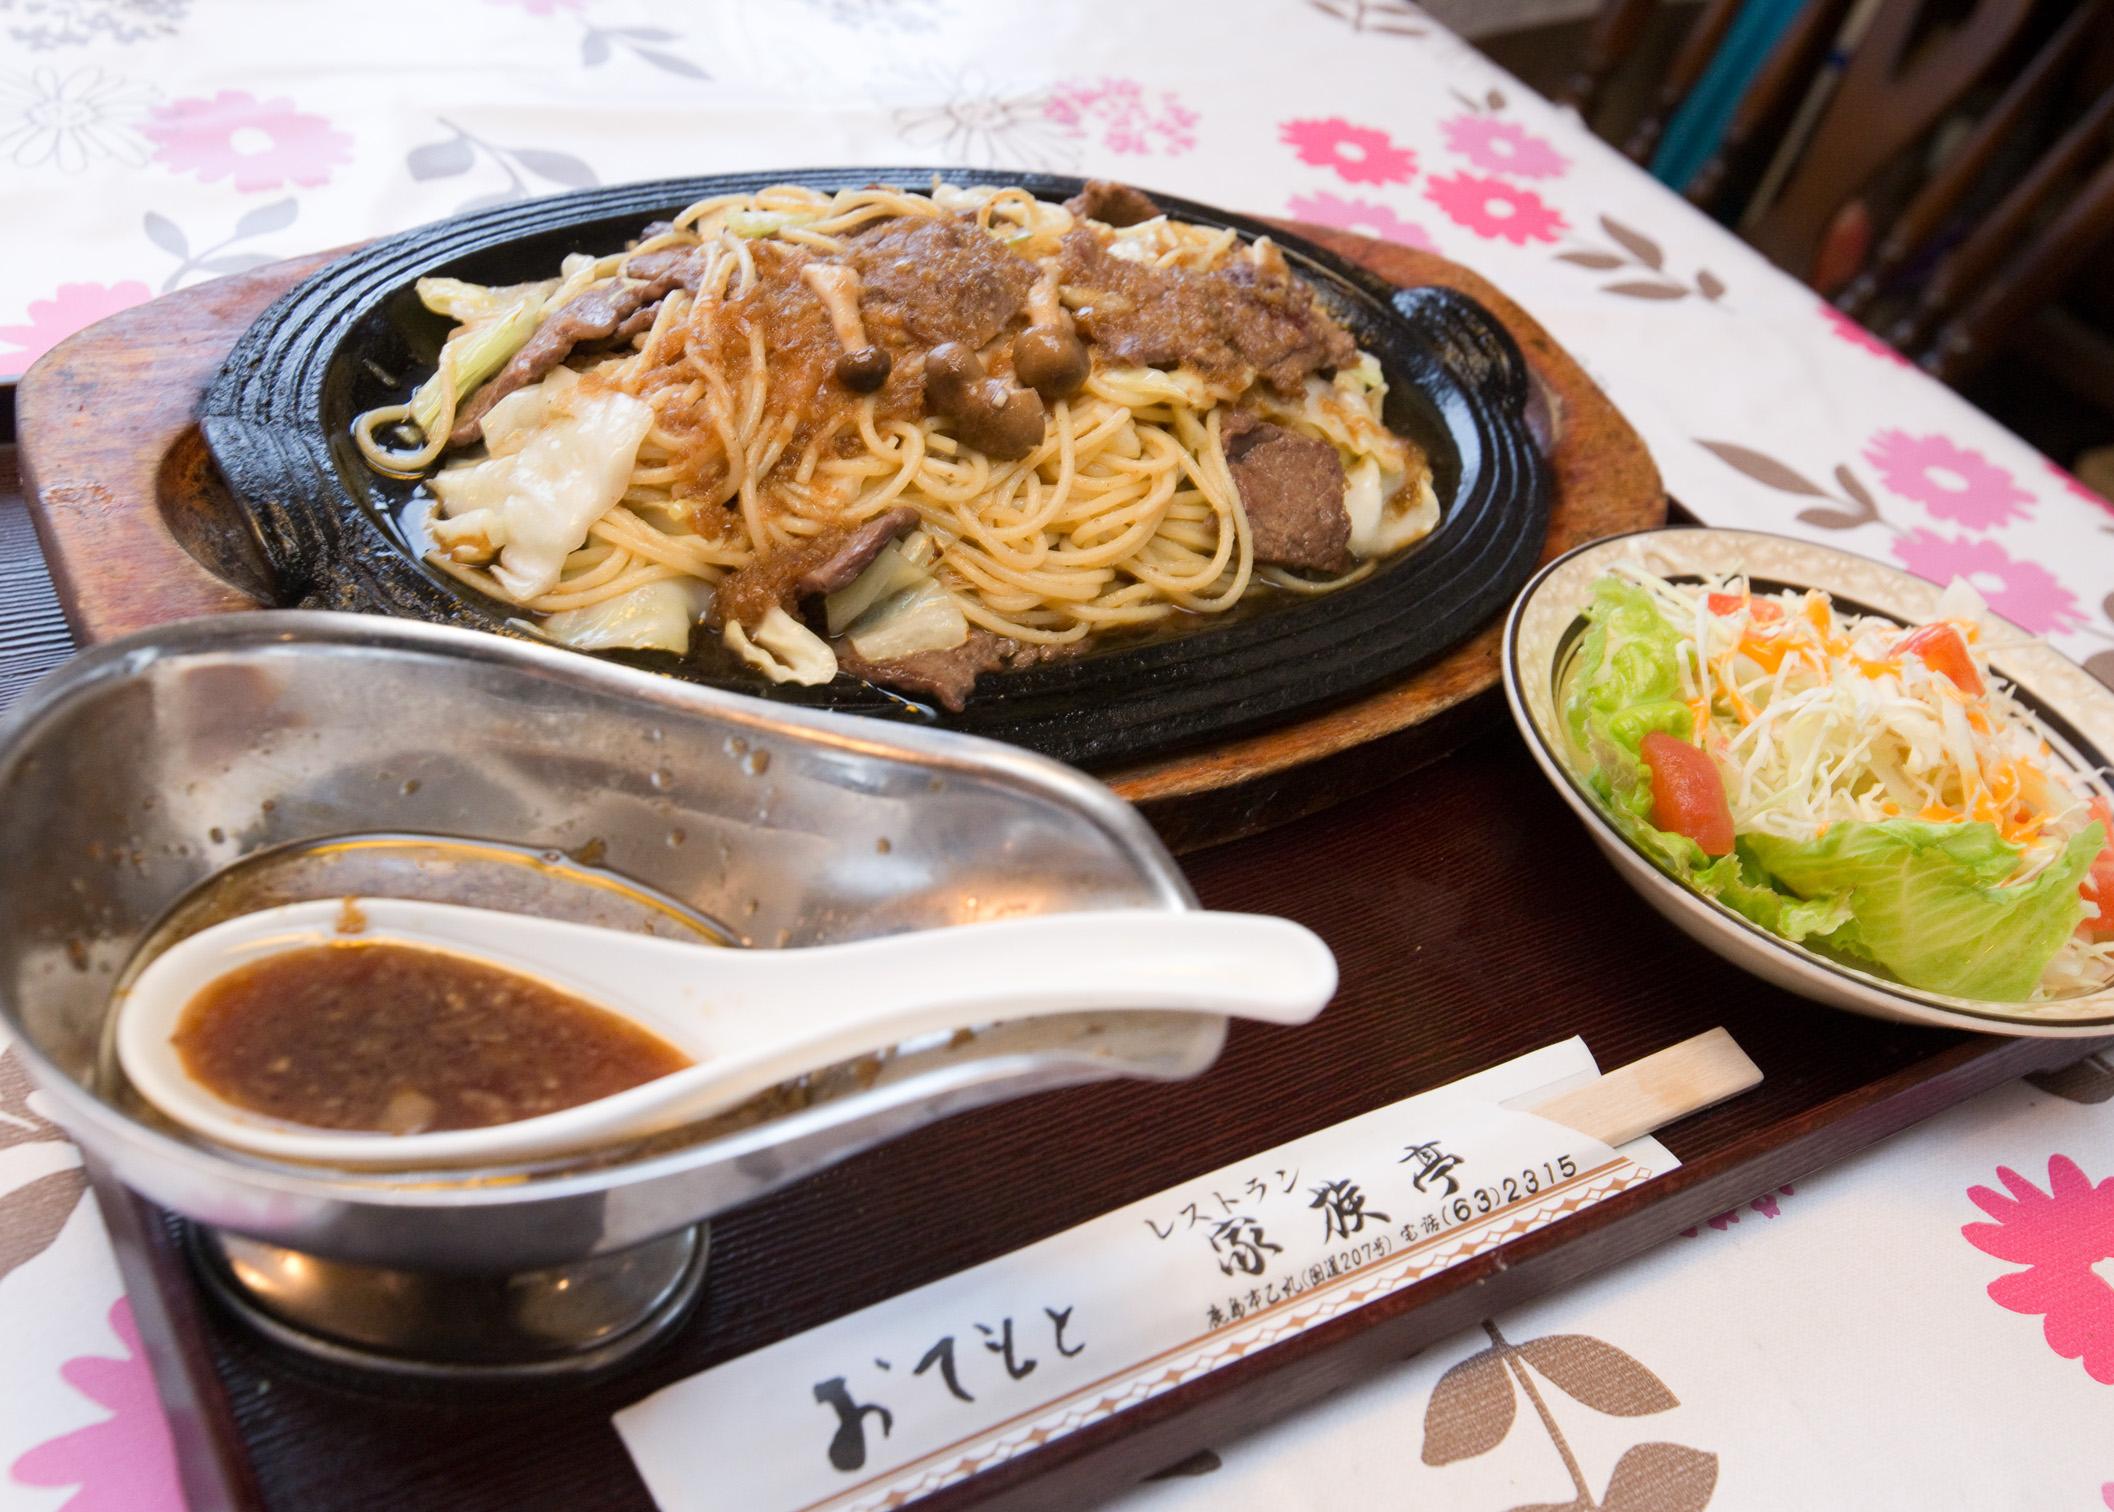 キャベツ、牛肉を炒めスパゲティを炒め我が家特製のジャポネソースをかけます。鉄板であつあつを食べます。